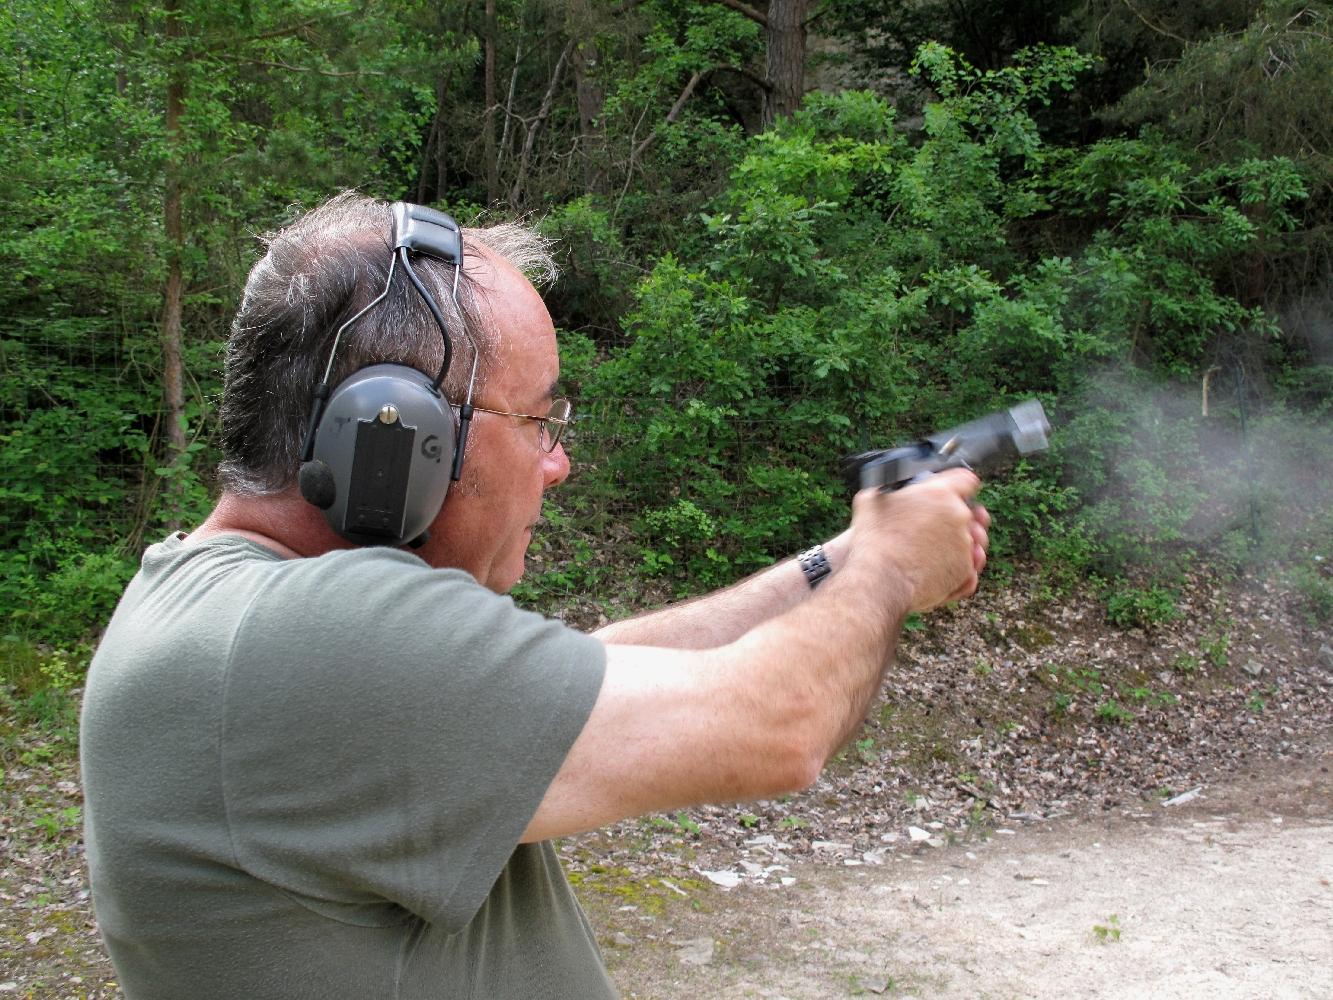 Le poids conséquent de ce pistolet permet à son utilisateur de supporter avec une étonnante facilité le recul des munitions les plus puissantes.